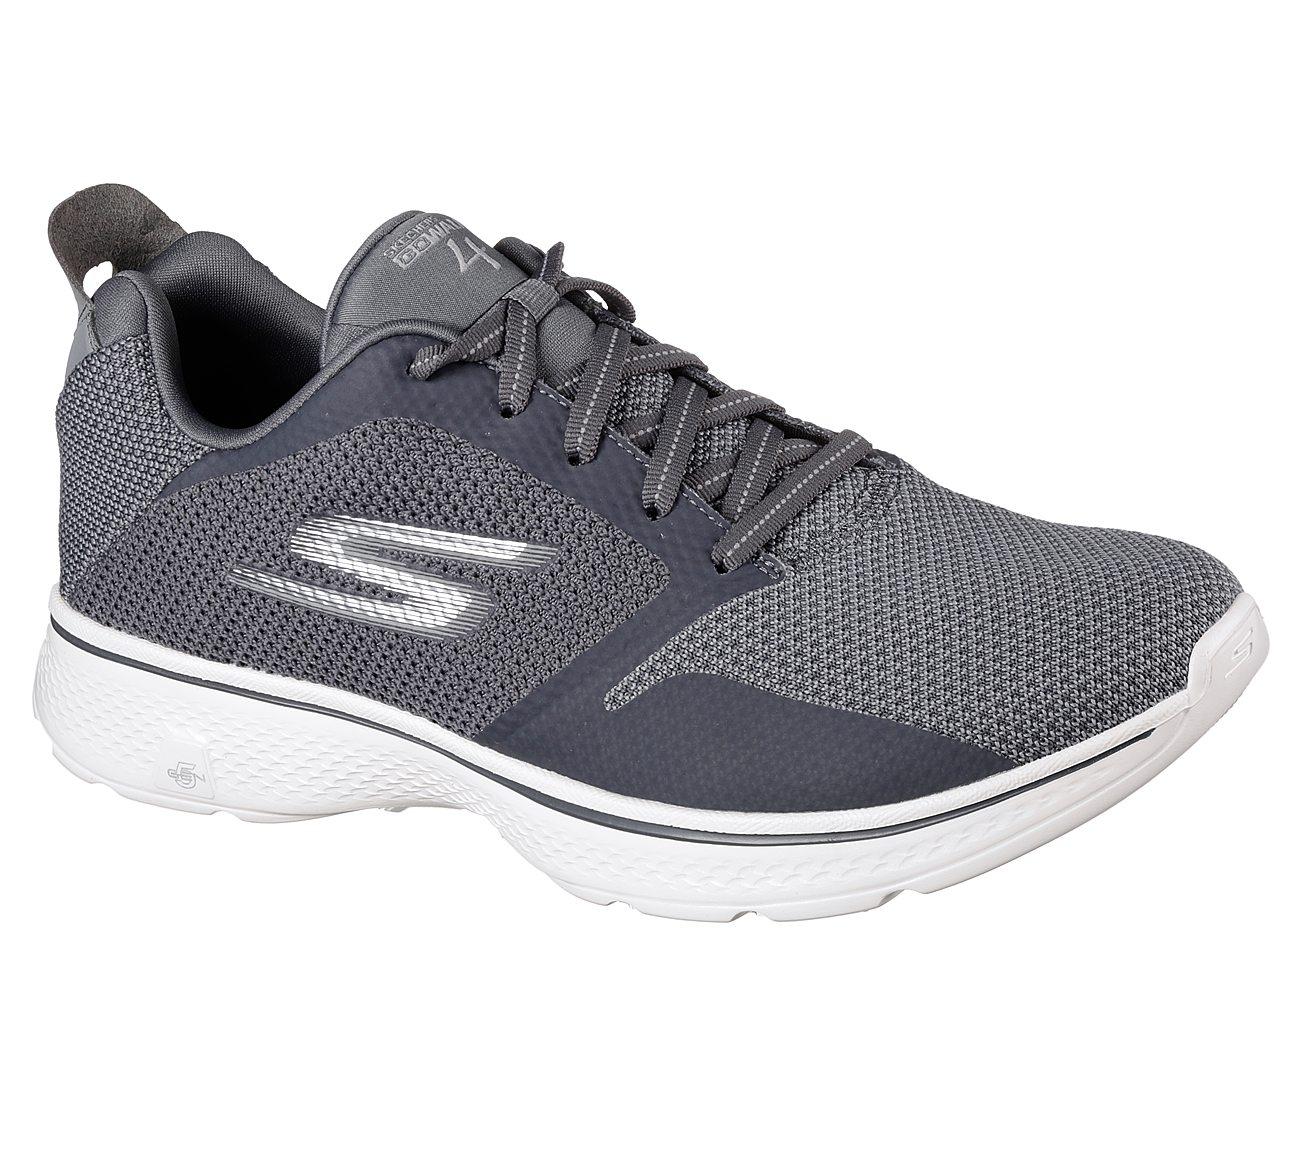 Skechers GOwalk 4 - Solar